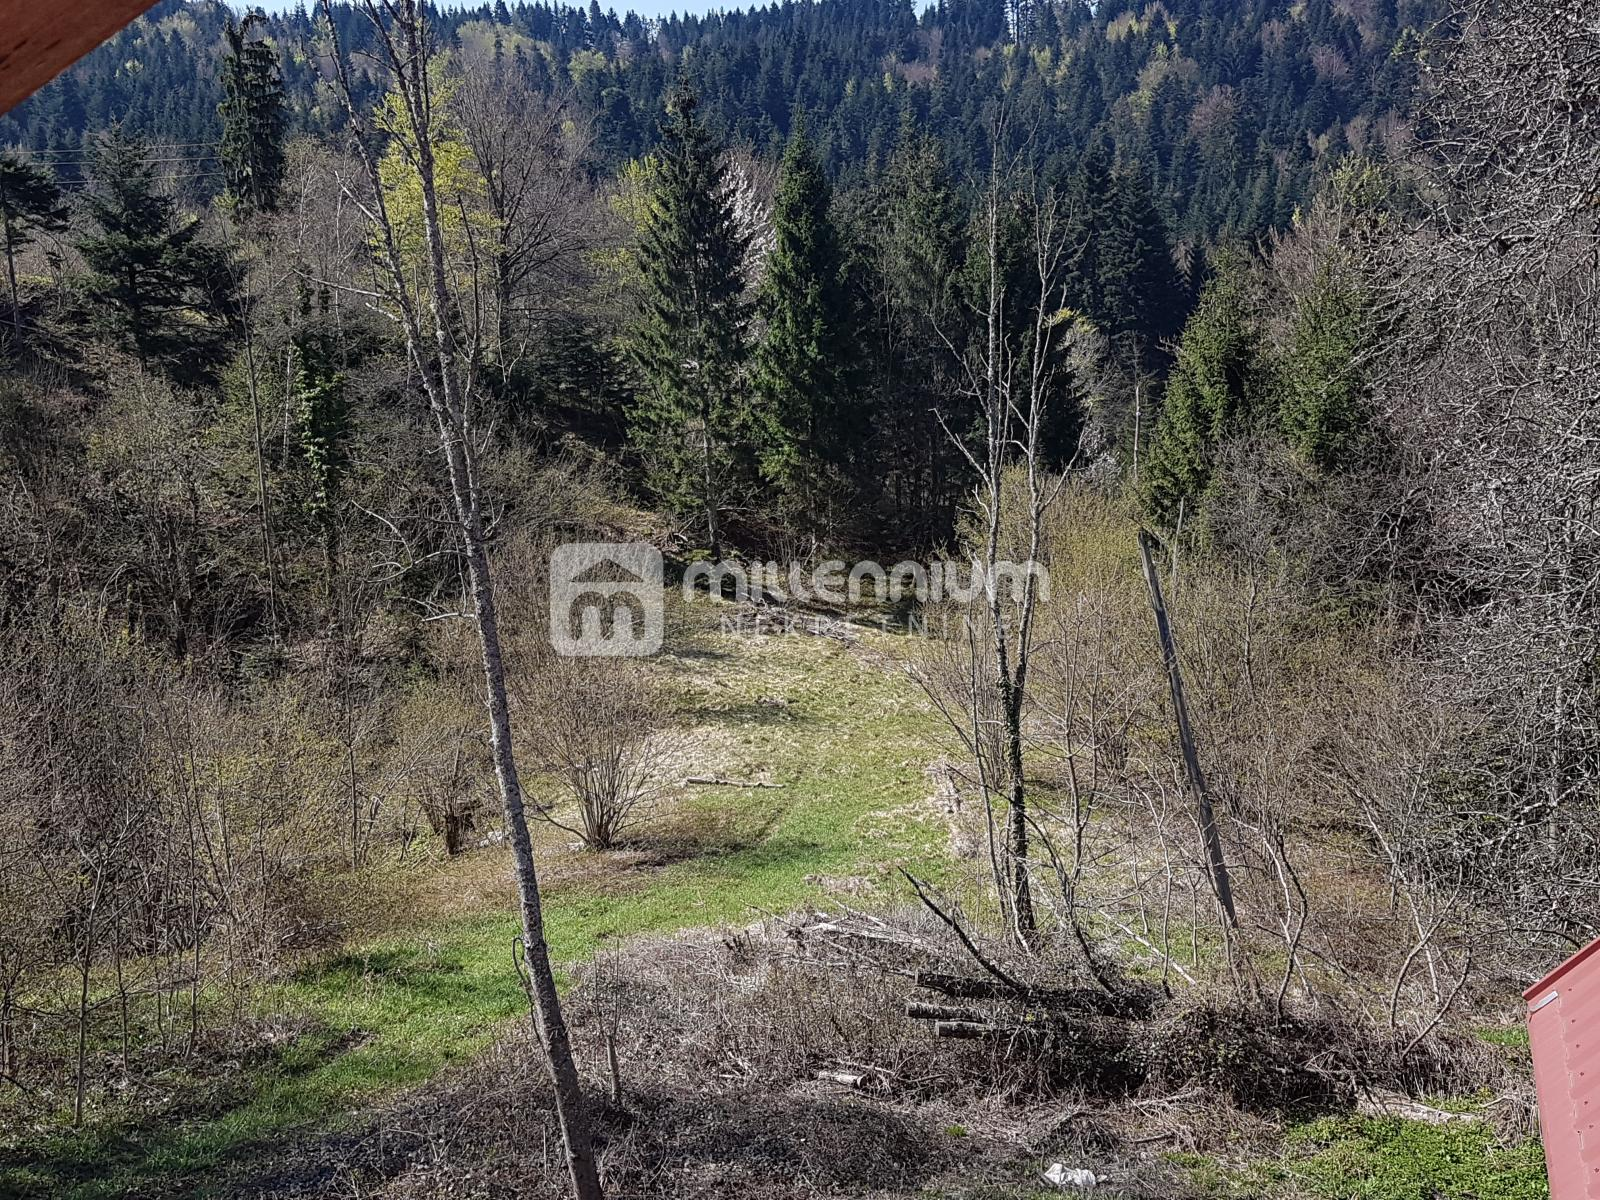 Gorski kotar, Vrbovsko, kuća 200m2 s okućnicom